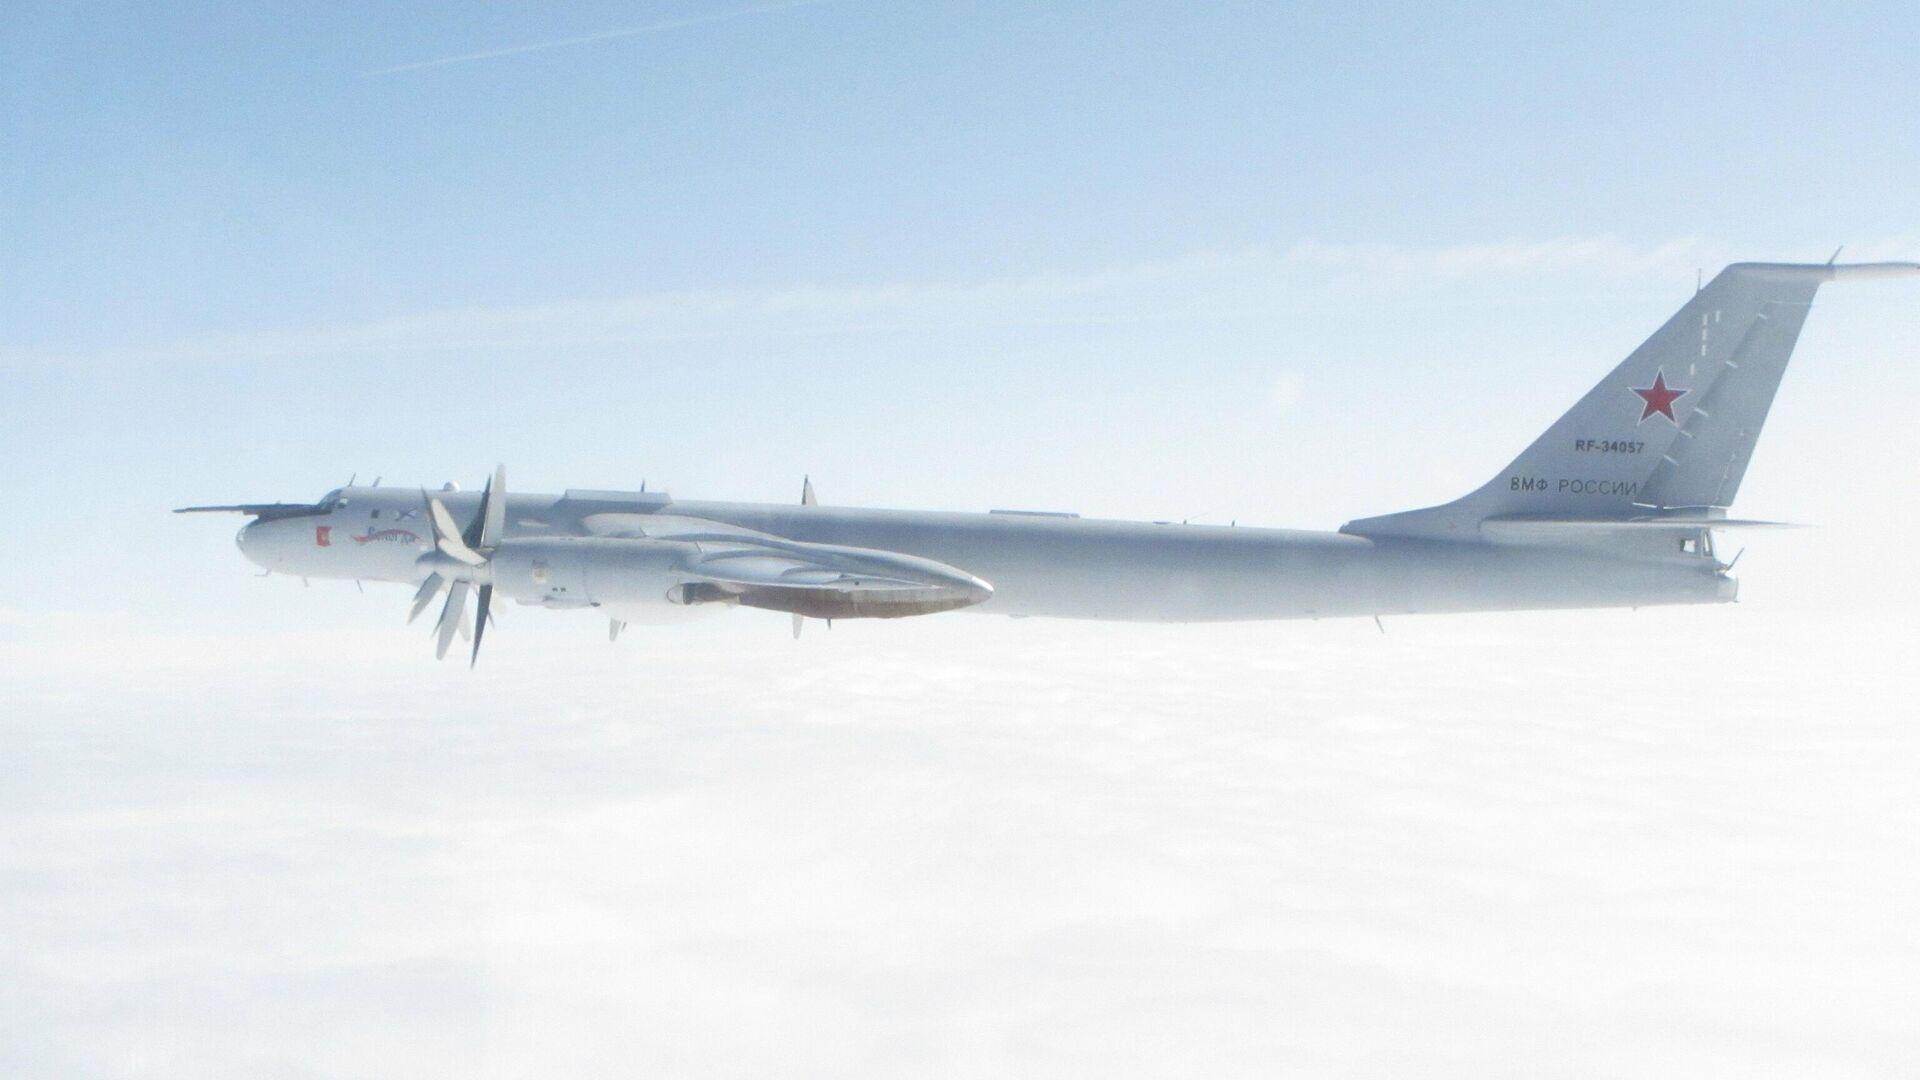 Фото российского Ту-142, опубликованное британскими ВВС - РИА Новости, 1920, 29.08.2020